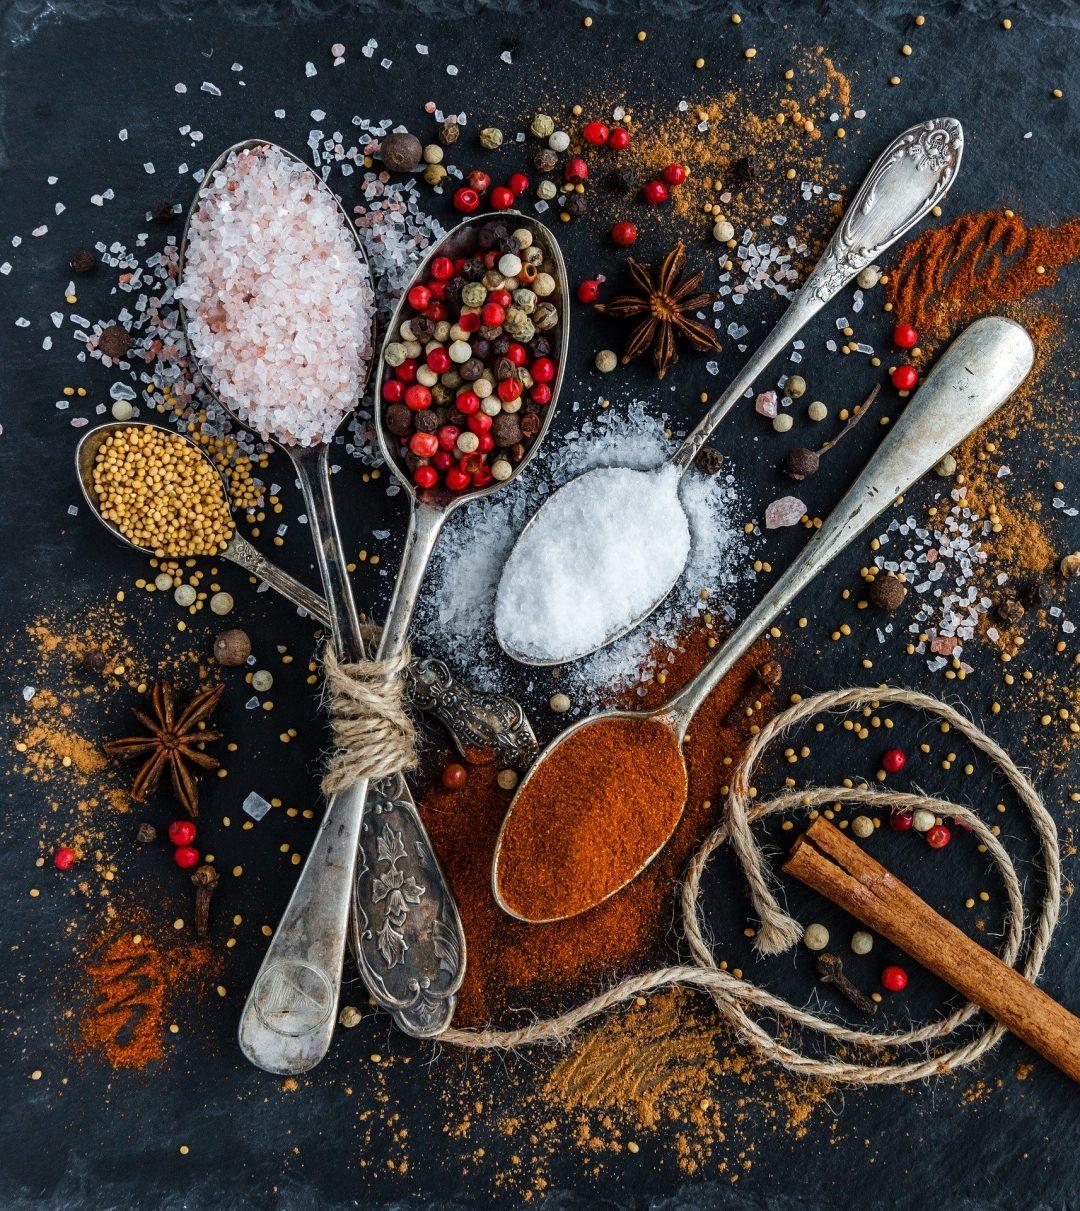 La filosofia Ayurvedica, dosha e alimentazione